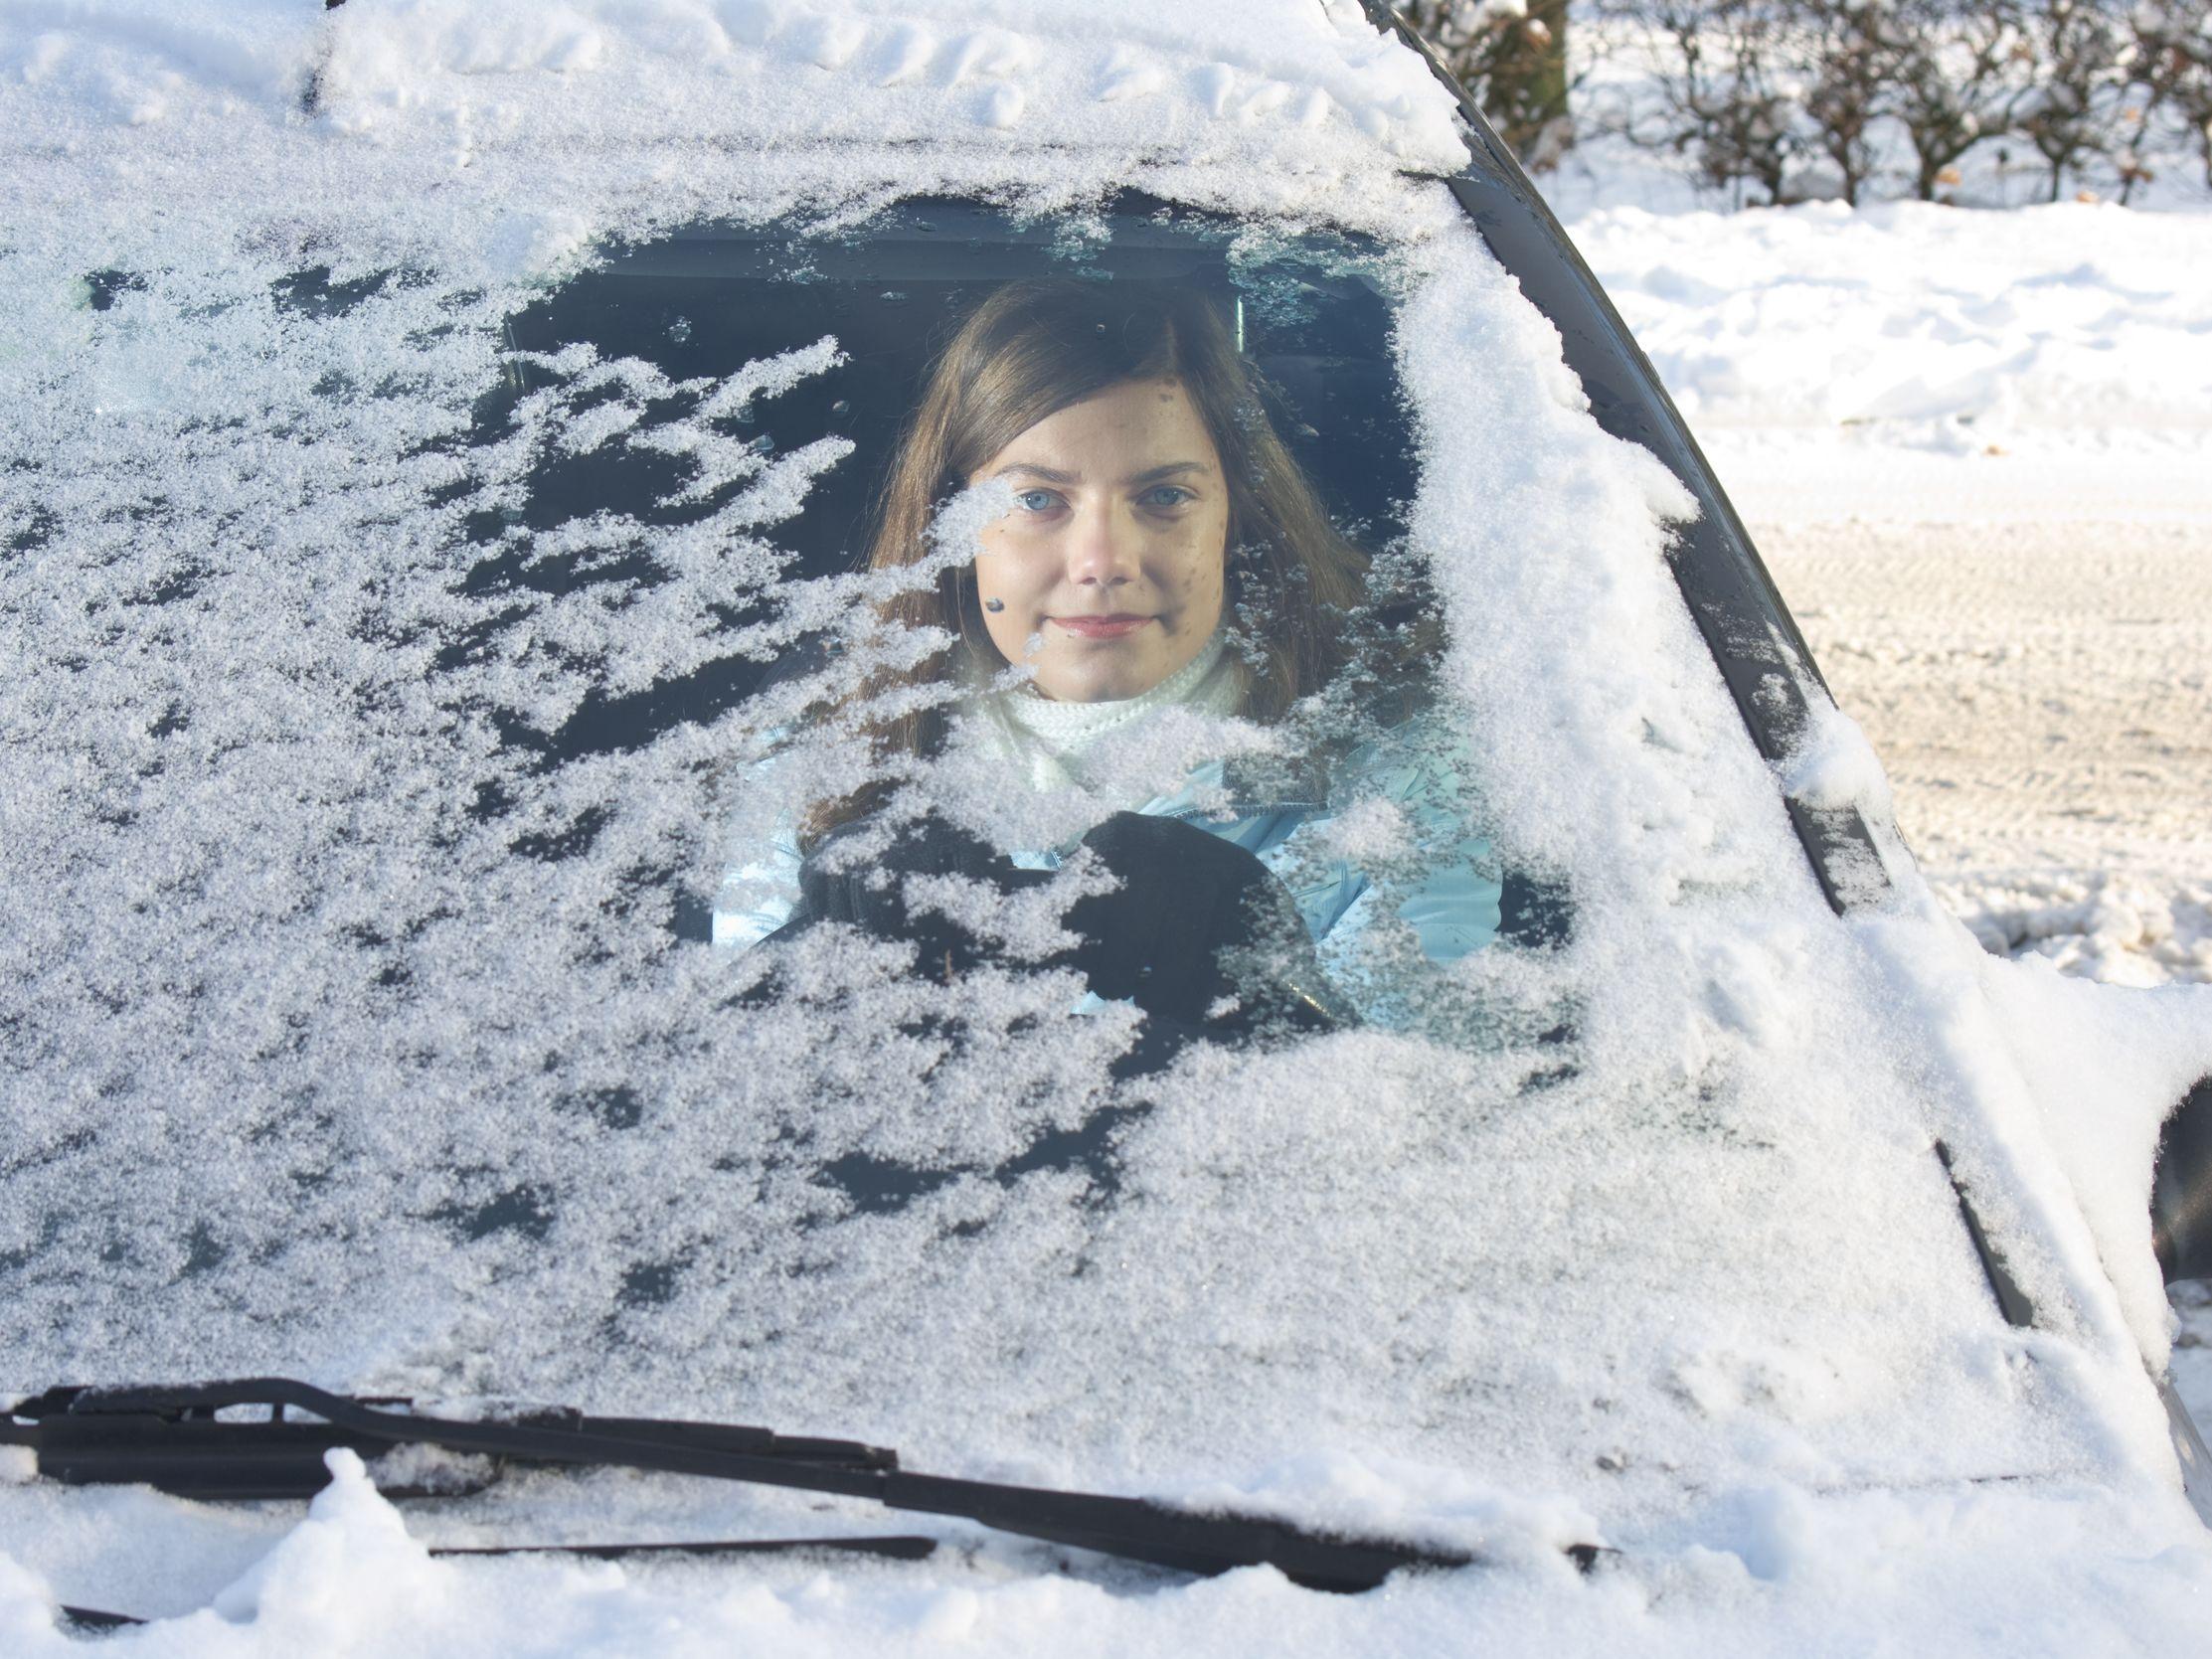 Verschneite Autoscheibe